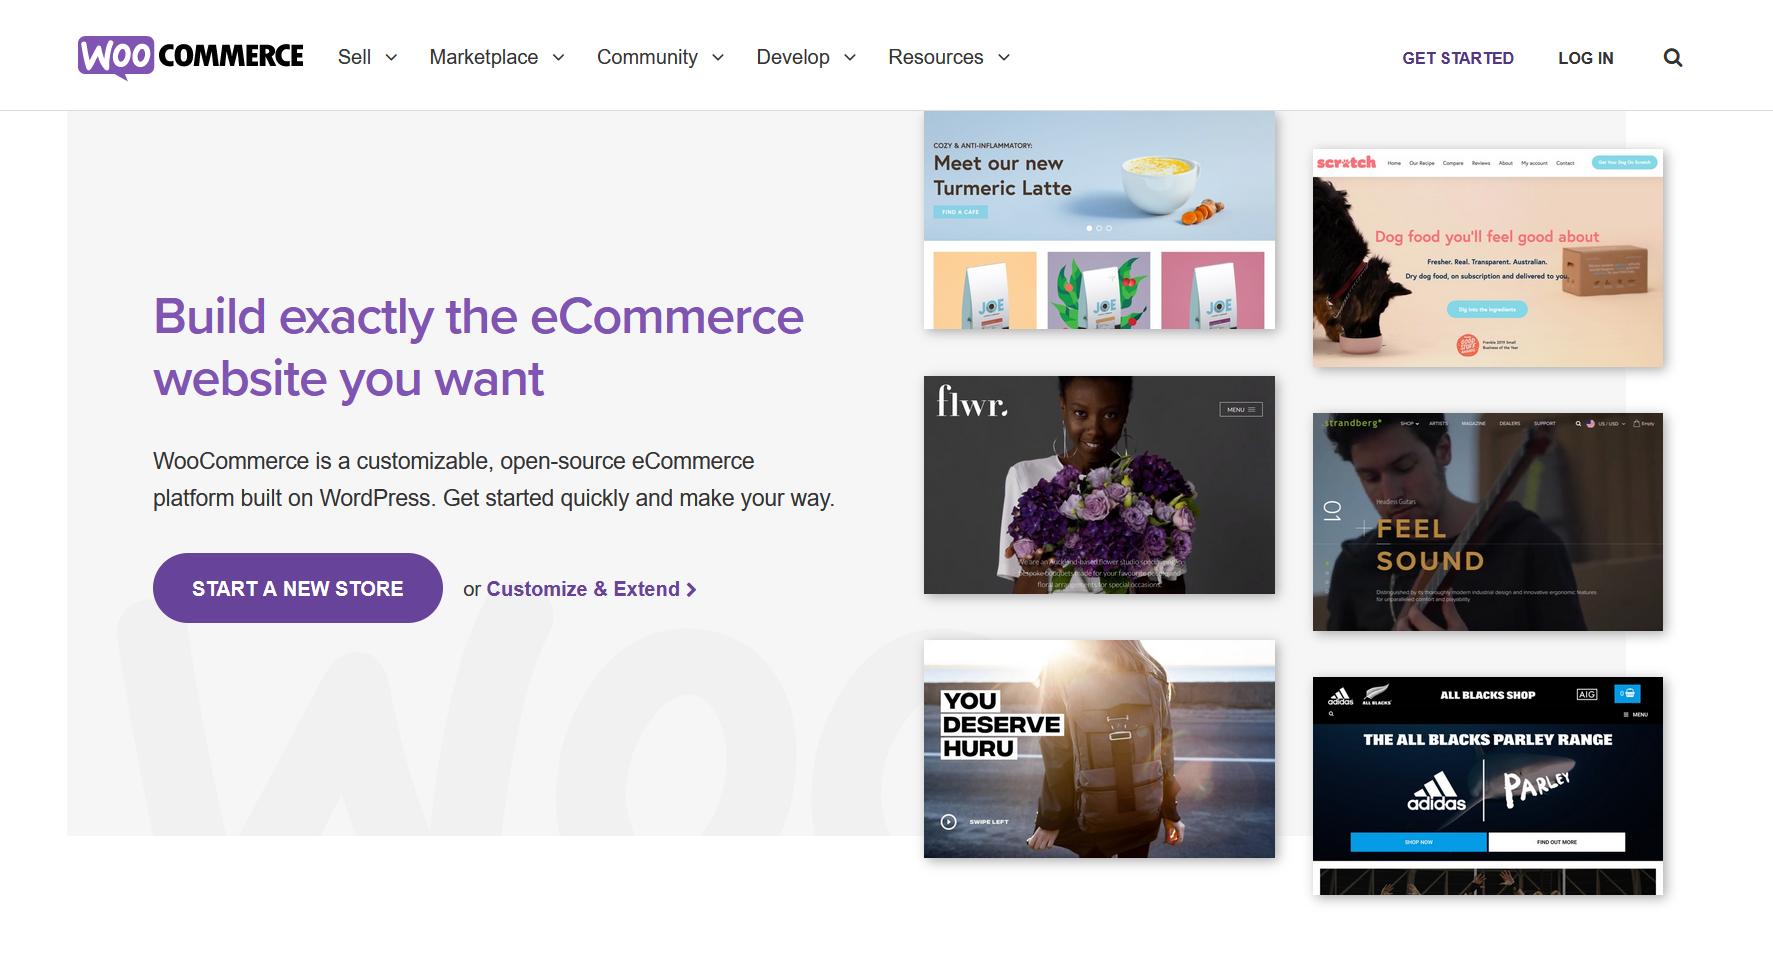 woocommerce plugin to make eCommerce websites